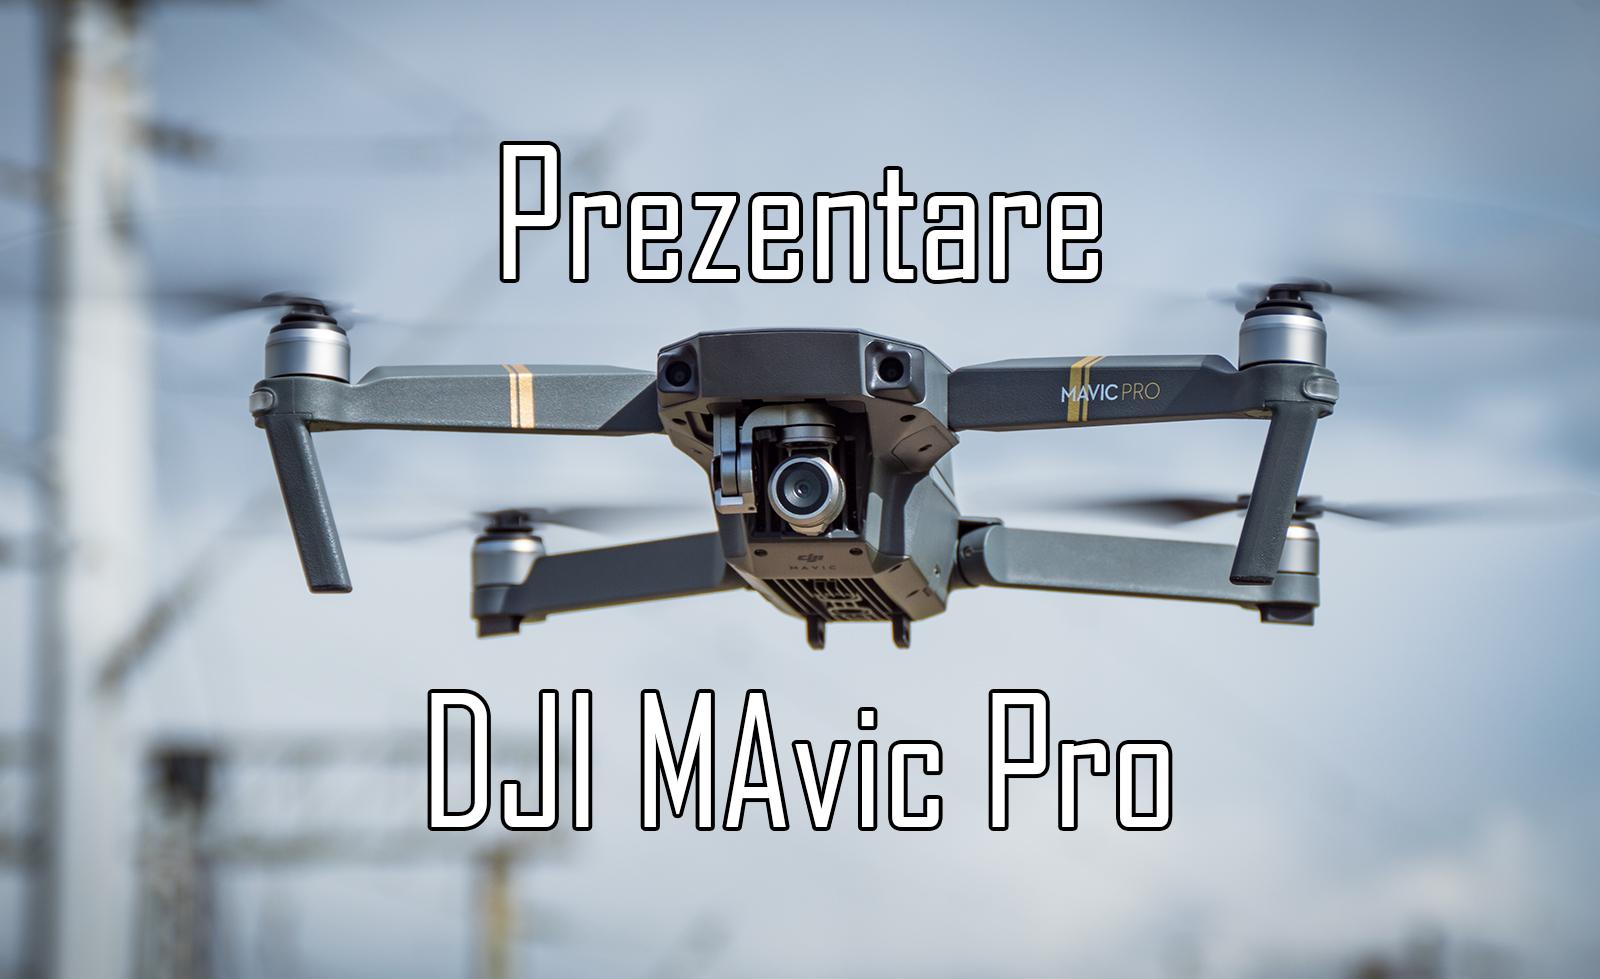 DJI Mavic Pro – Prezentare dronă